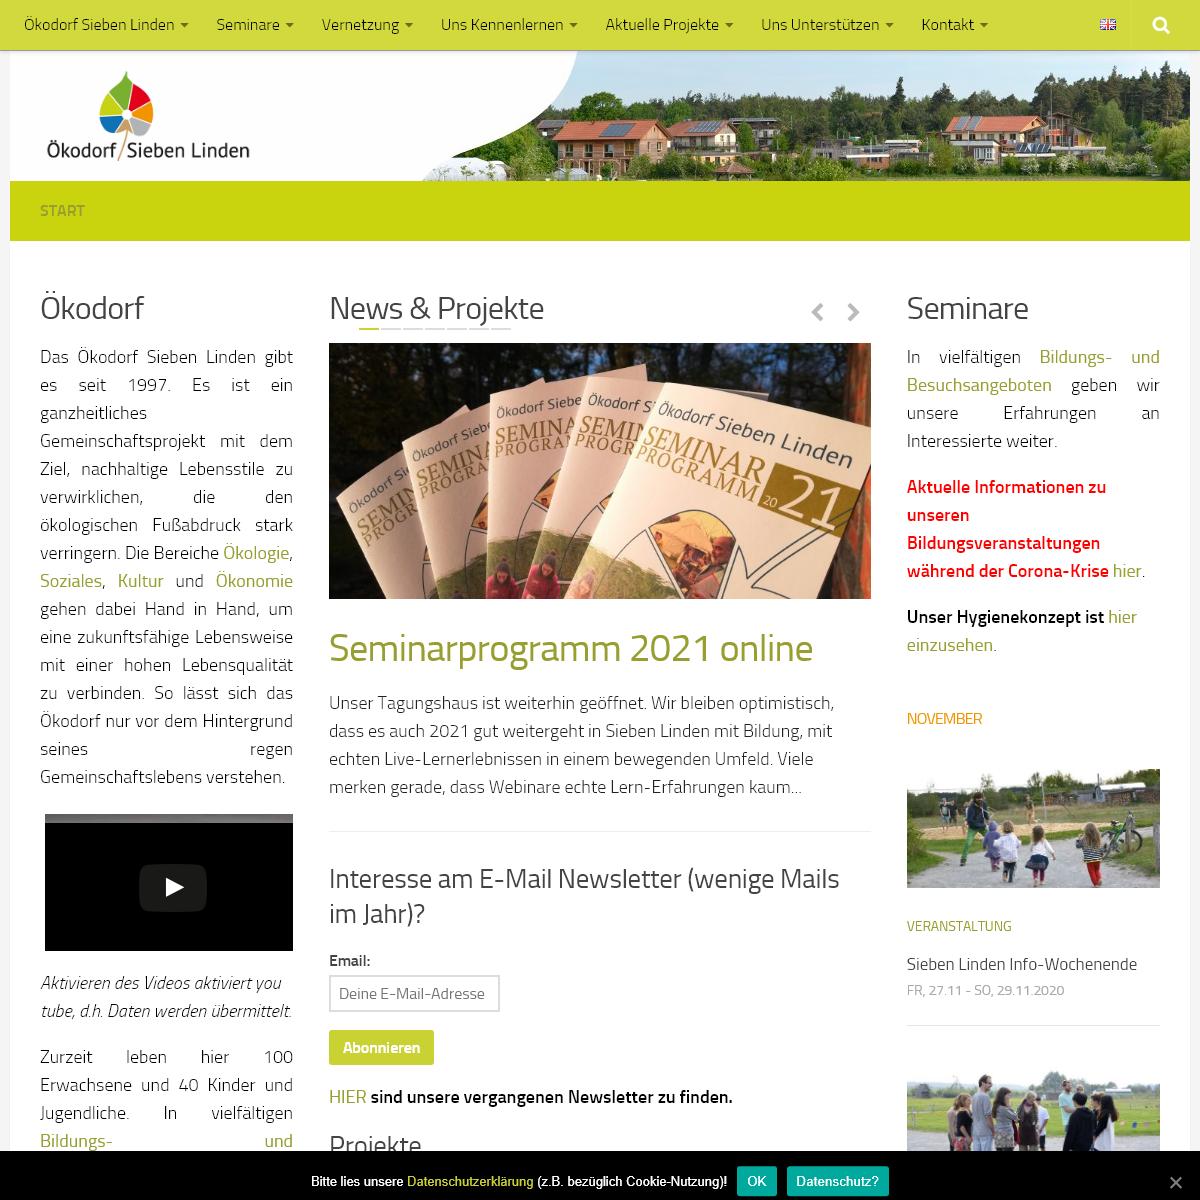 Start - Ökodorf Sieben Linden